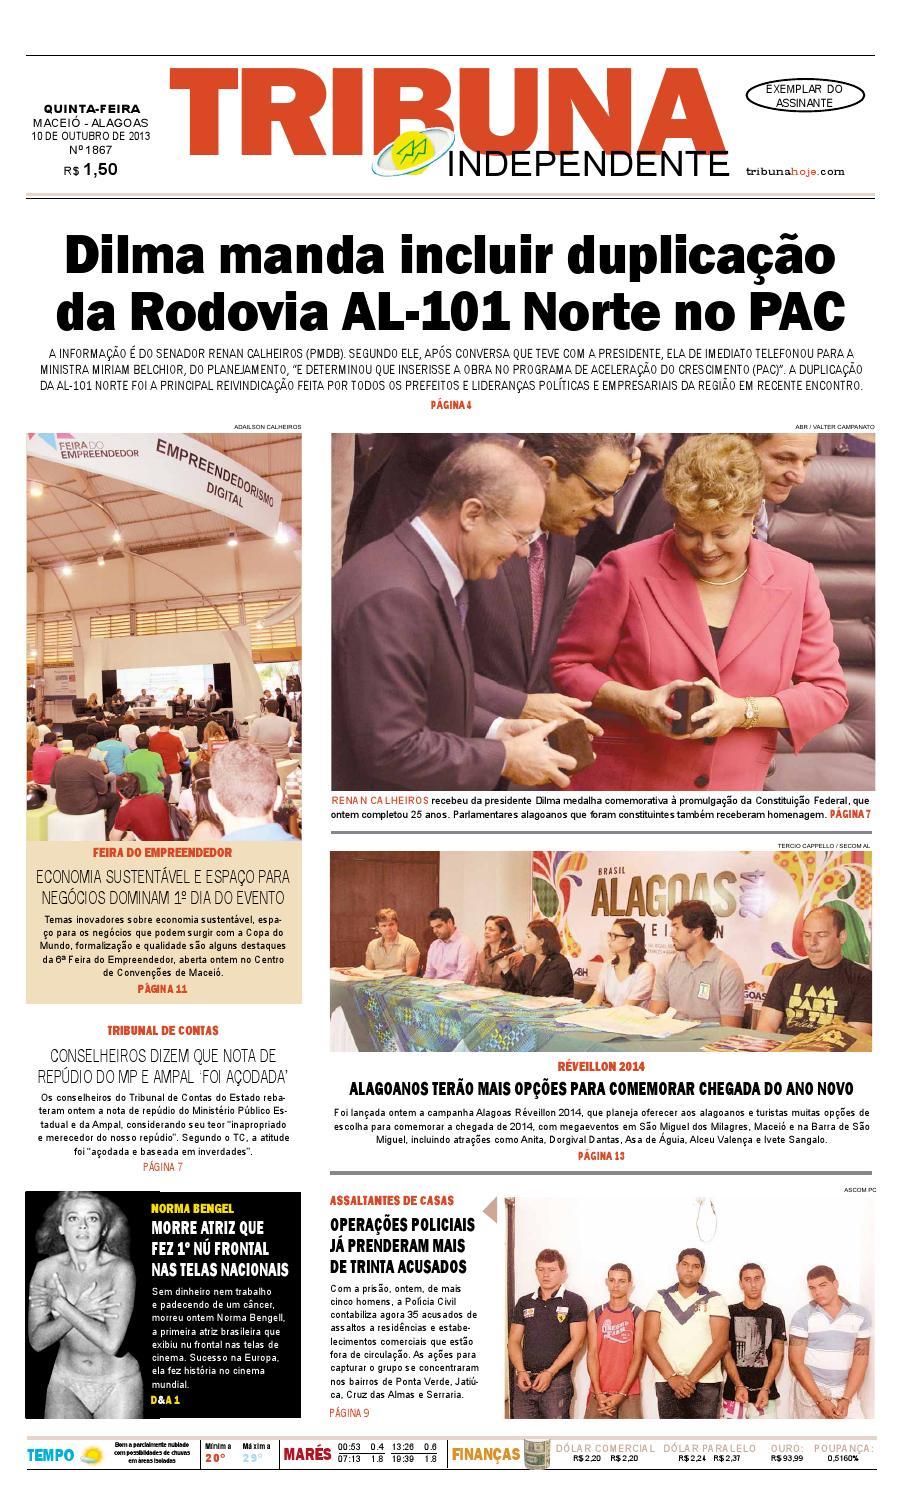 042b0cb2a40 Edição número 1867 - 10 de outubro de 2013 by Tribuna Hoje - issuu